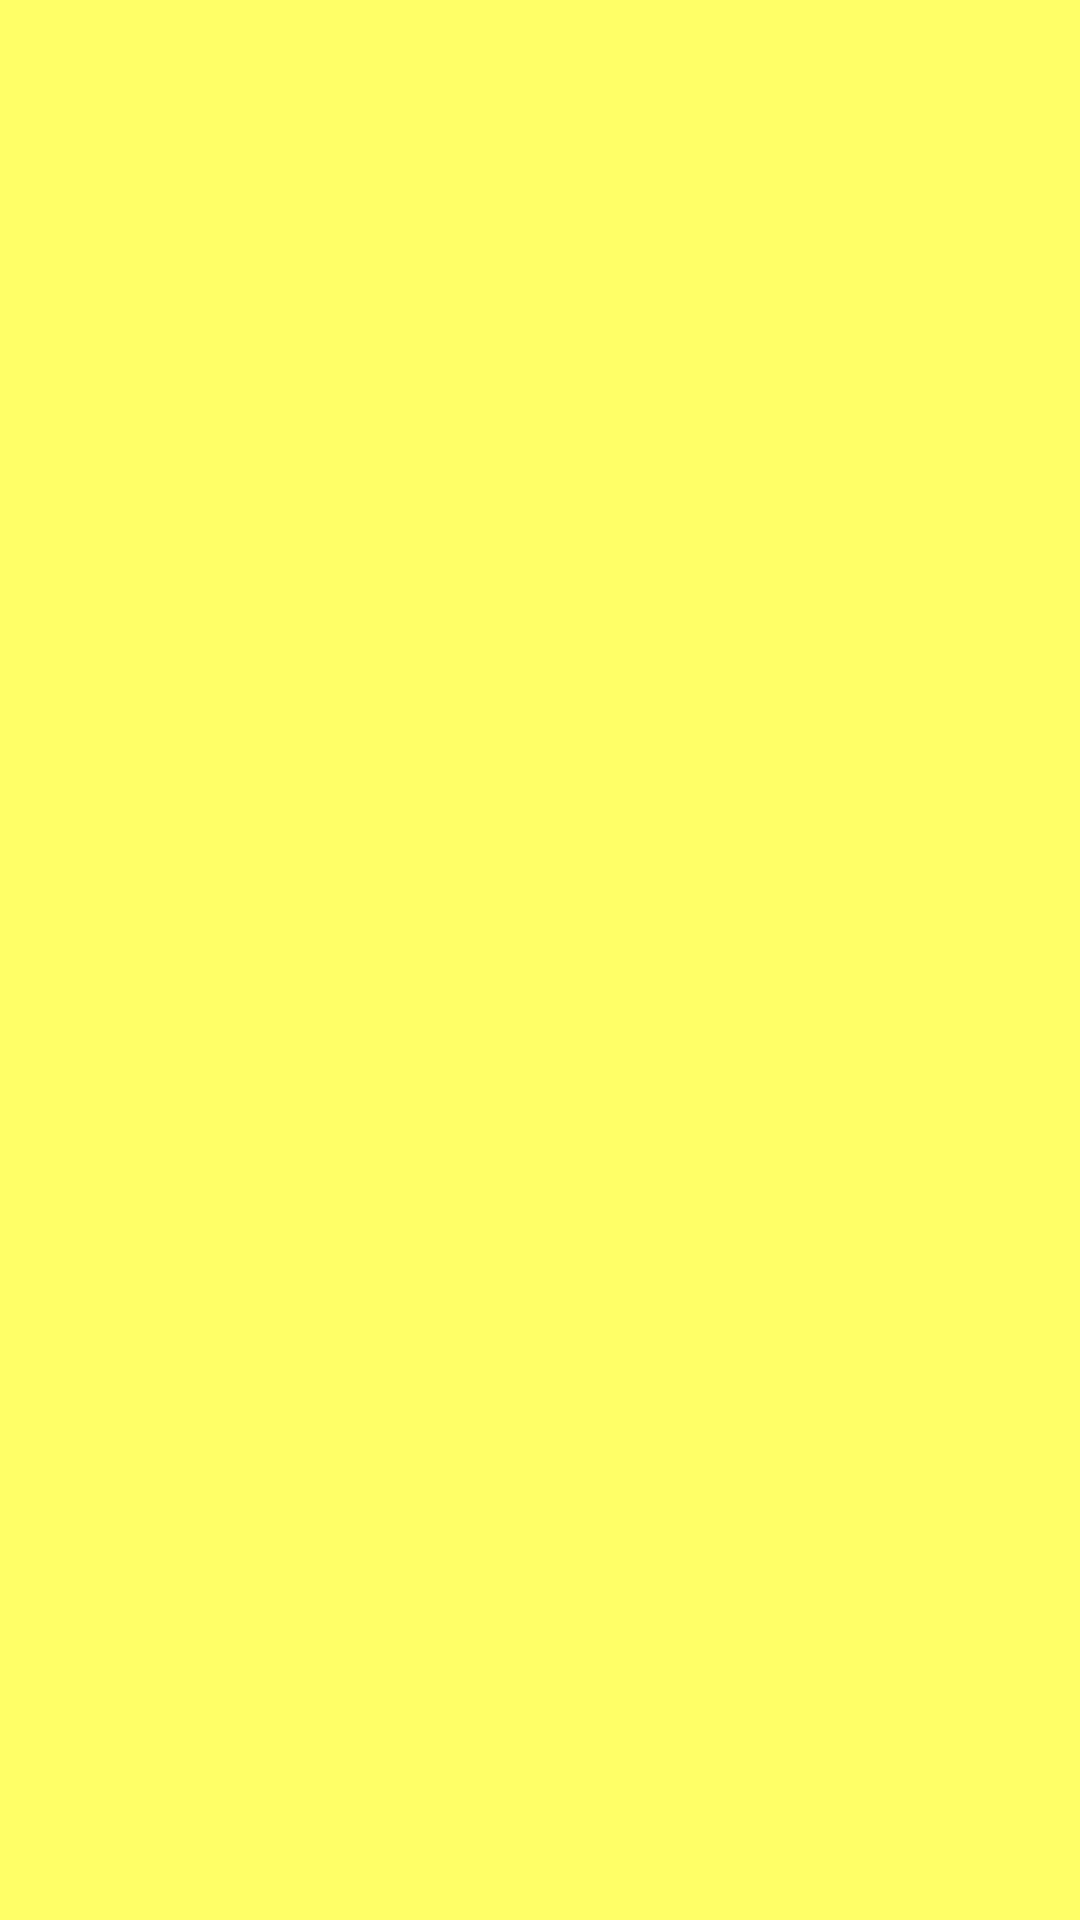 1080x1920 Laser Lemon Solid Color Background